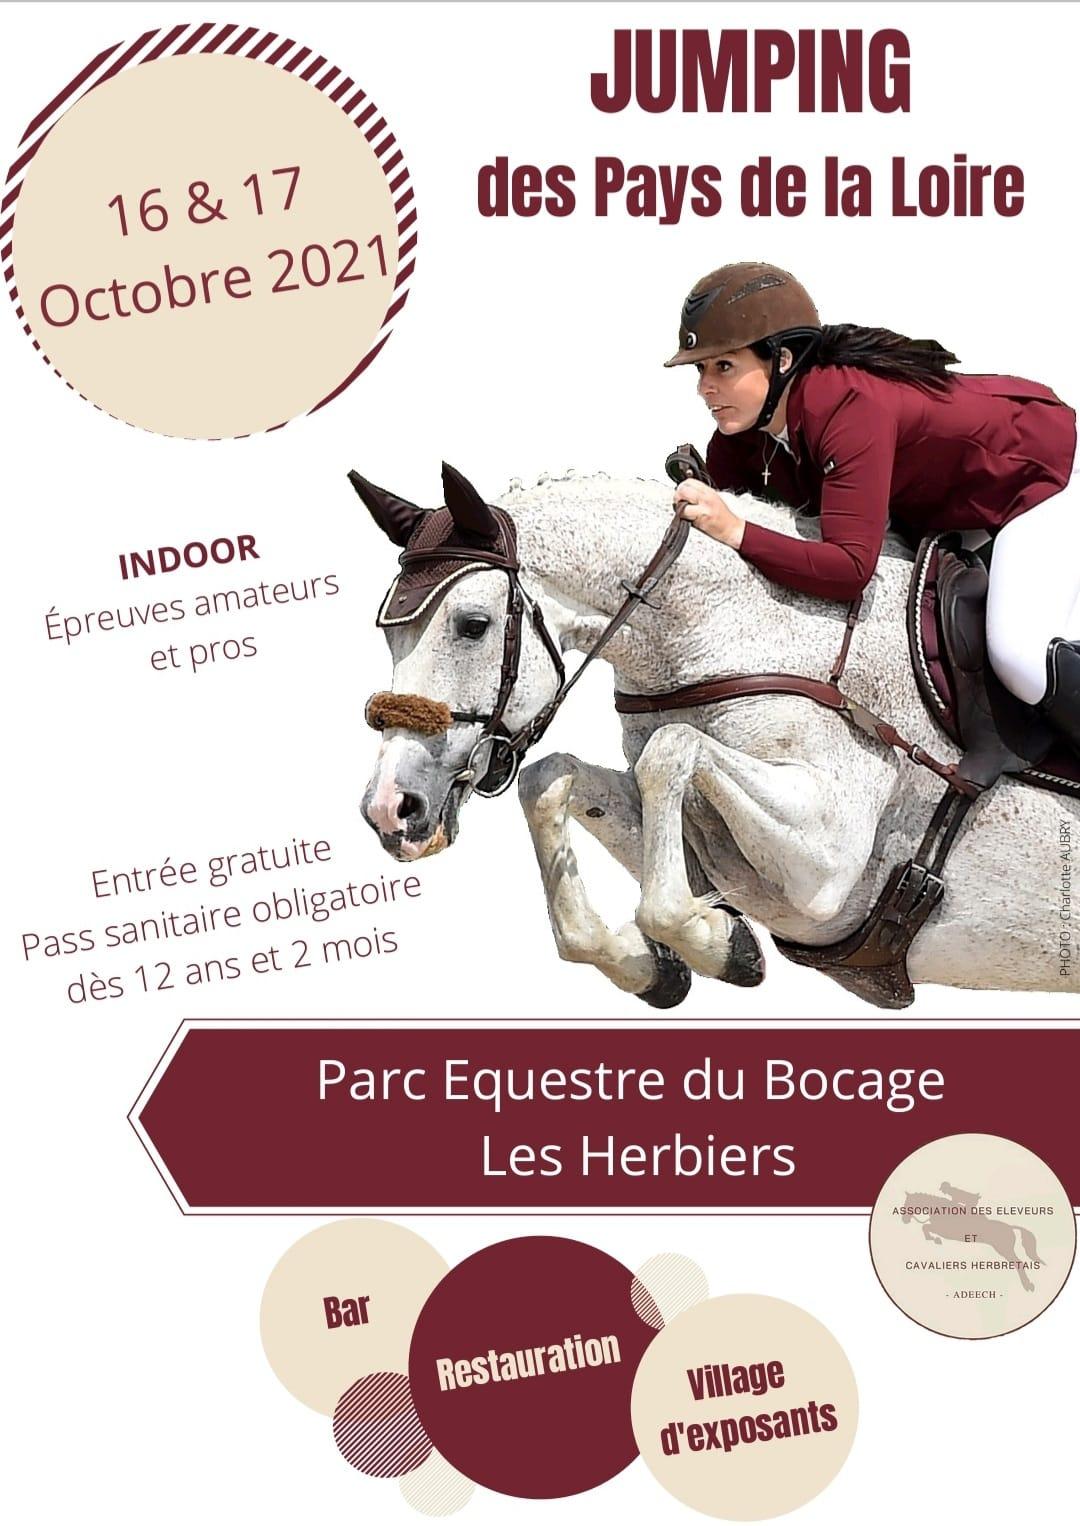 Jumping des Pays de la Loire - Les Herbiers